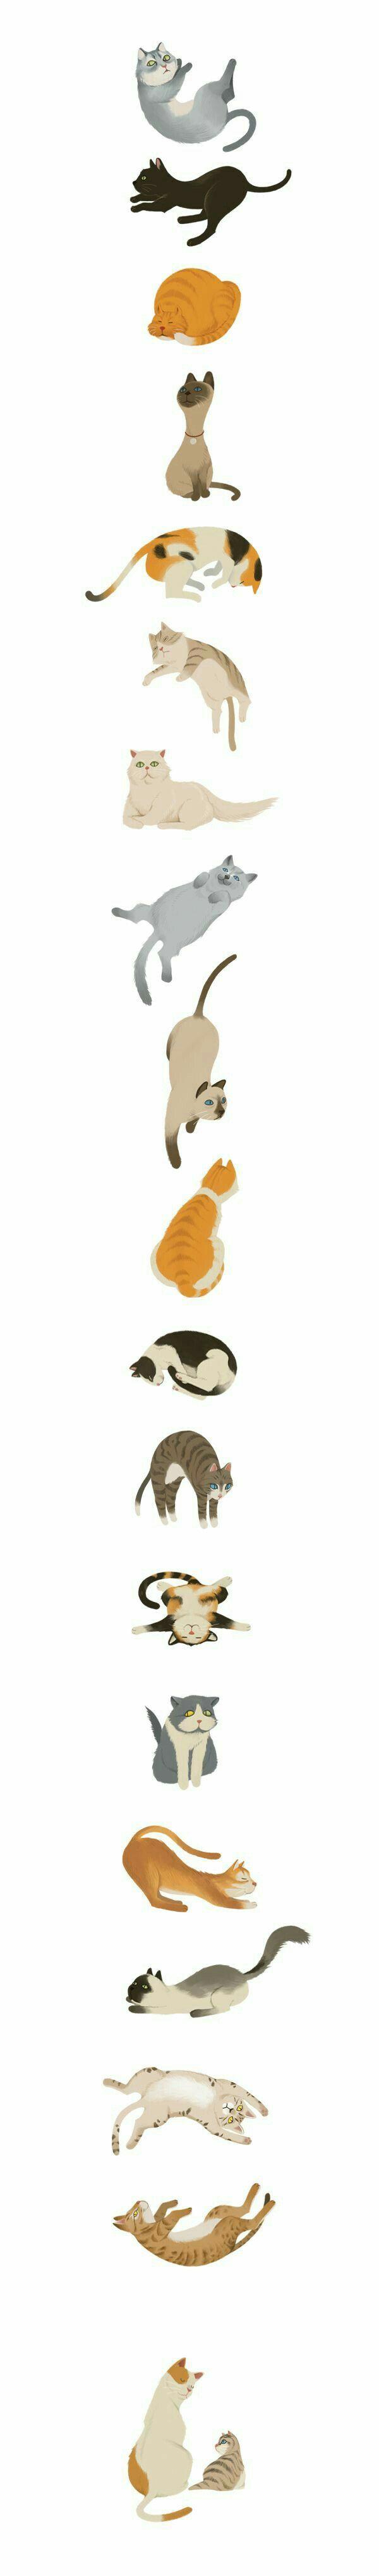 Feline Fun I #PetIllustration I #KittyCatLove